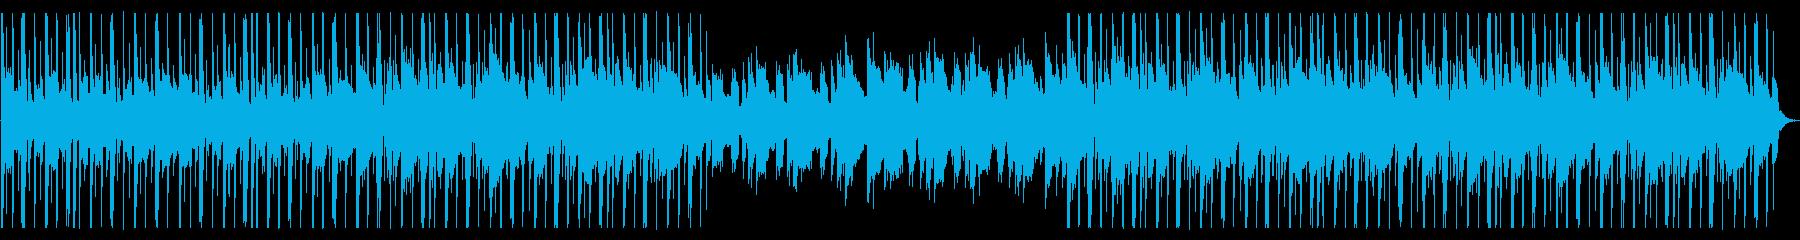 溶けそうなR&B_No635_1の再生済みの波形